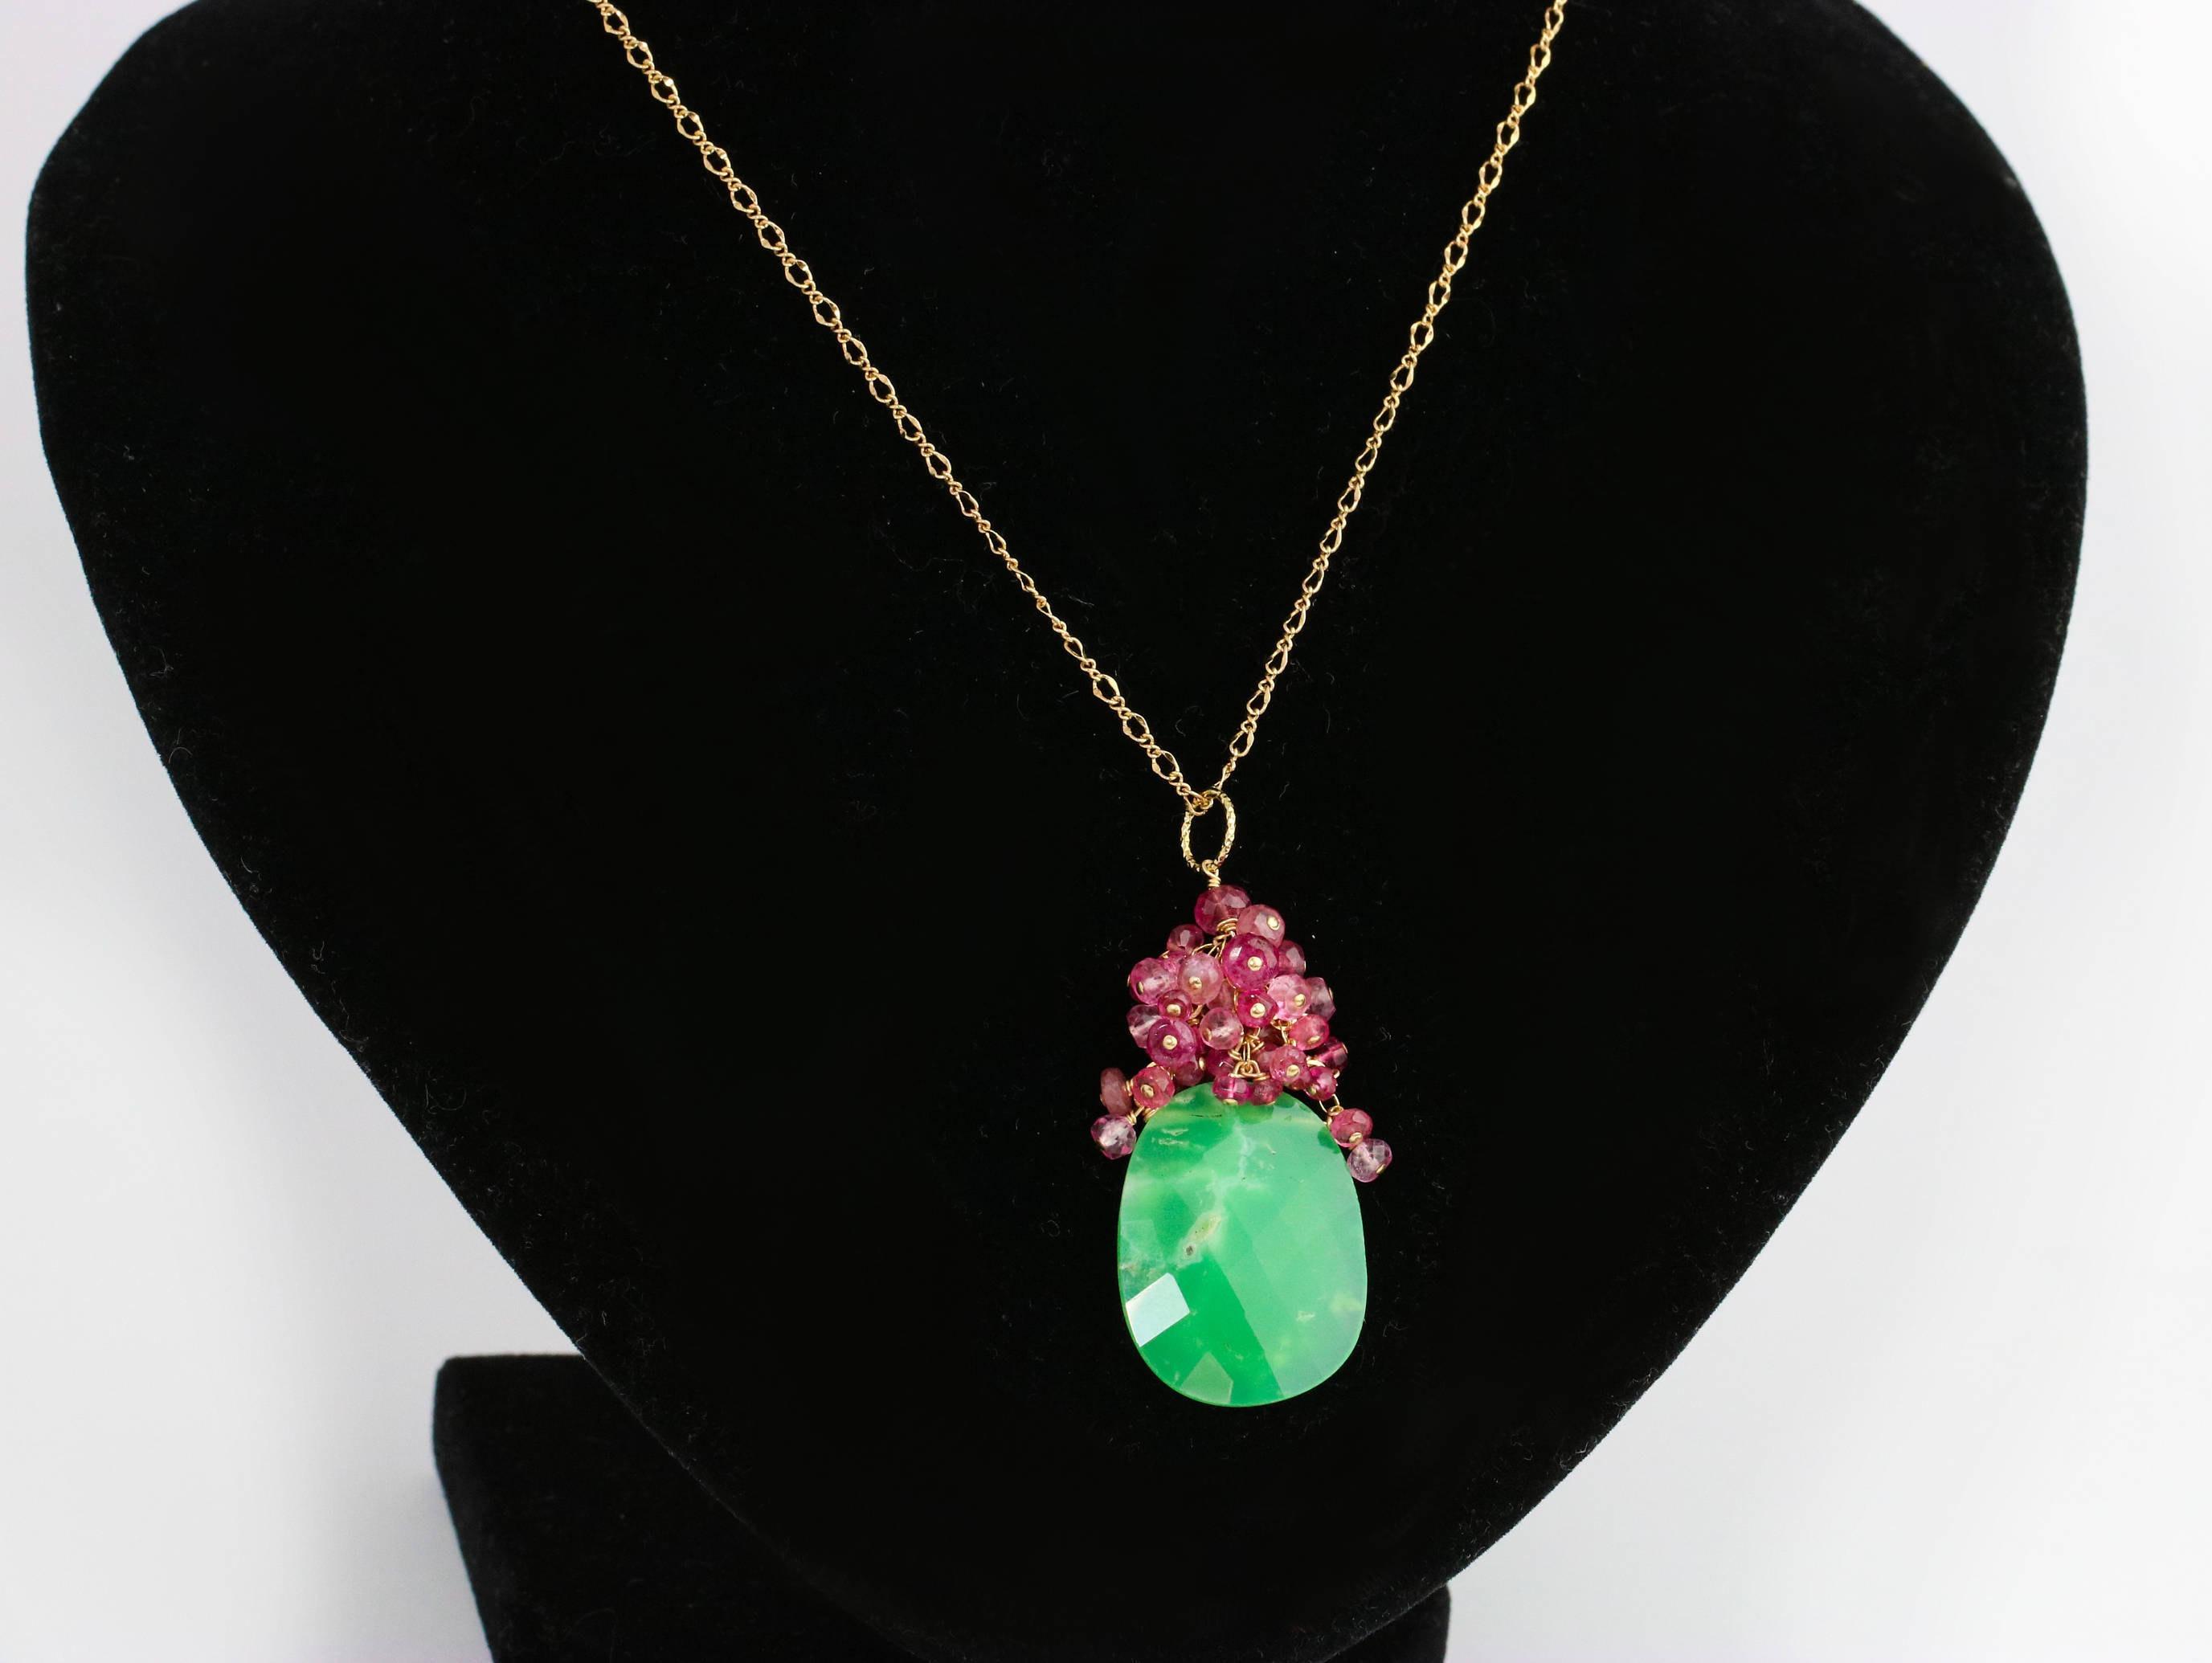 green chrysoprase cluster pendant necklace in gold filled. Black Bedroom Furniture Sets. Home Design Ideas